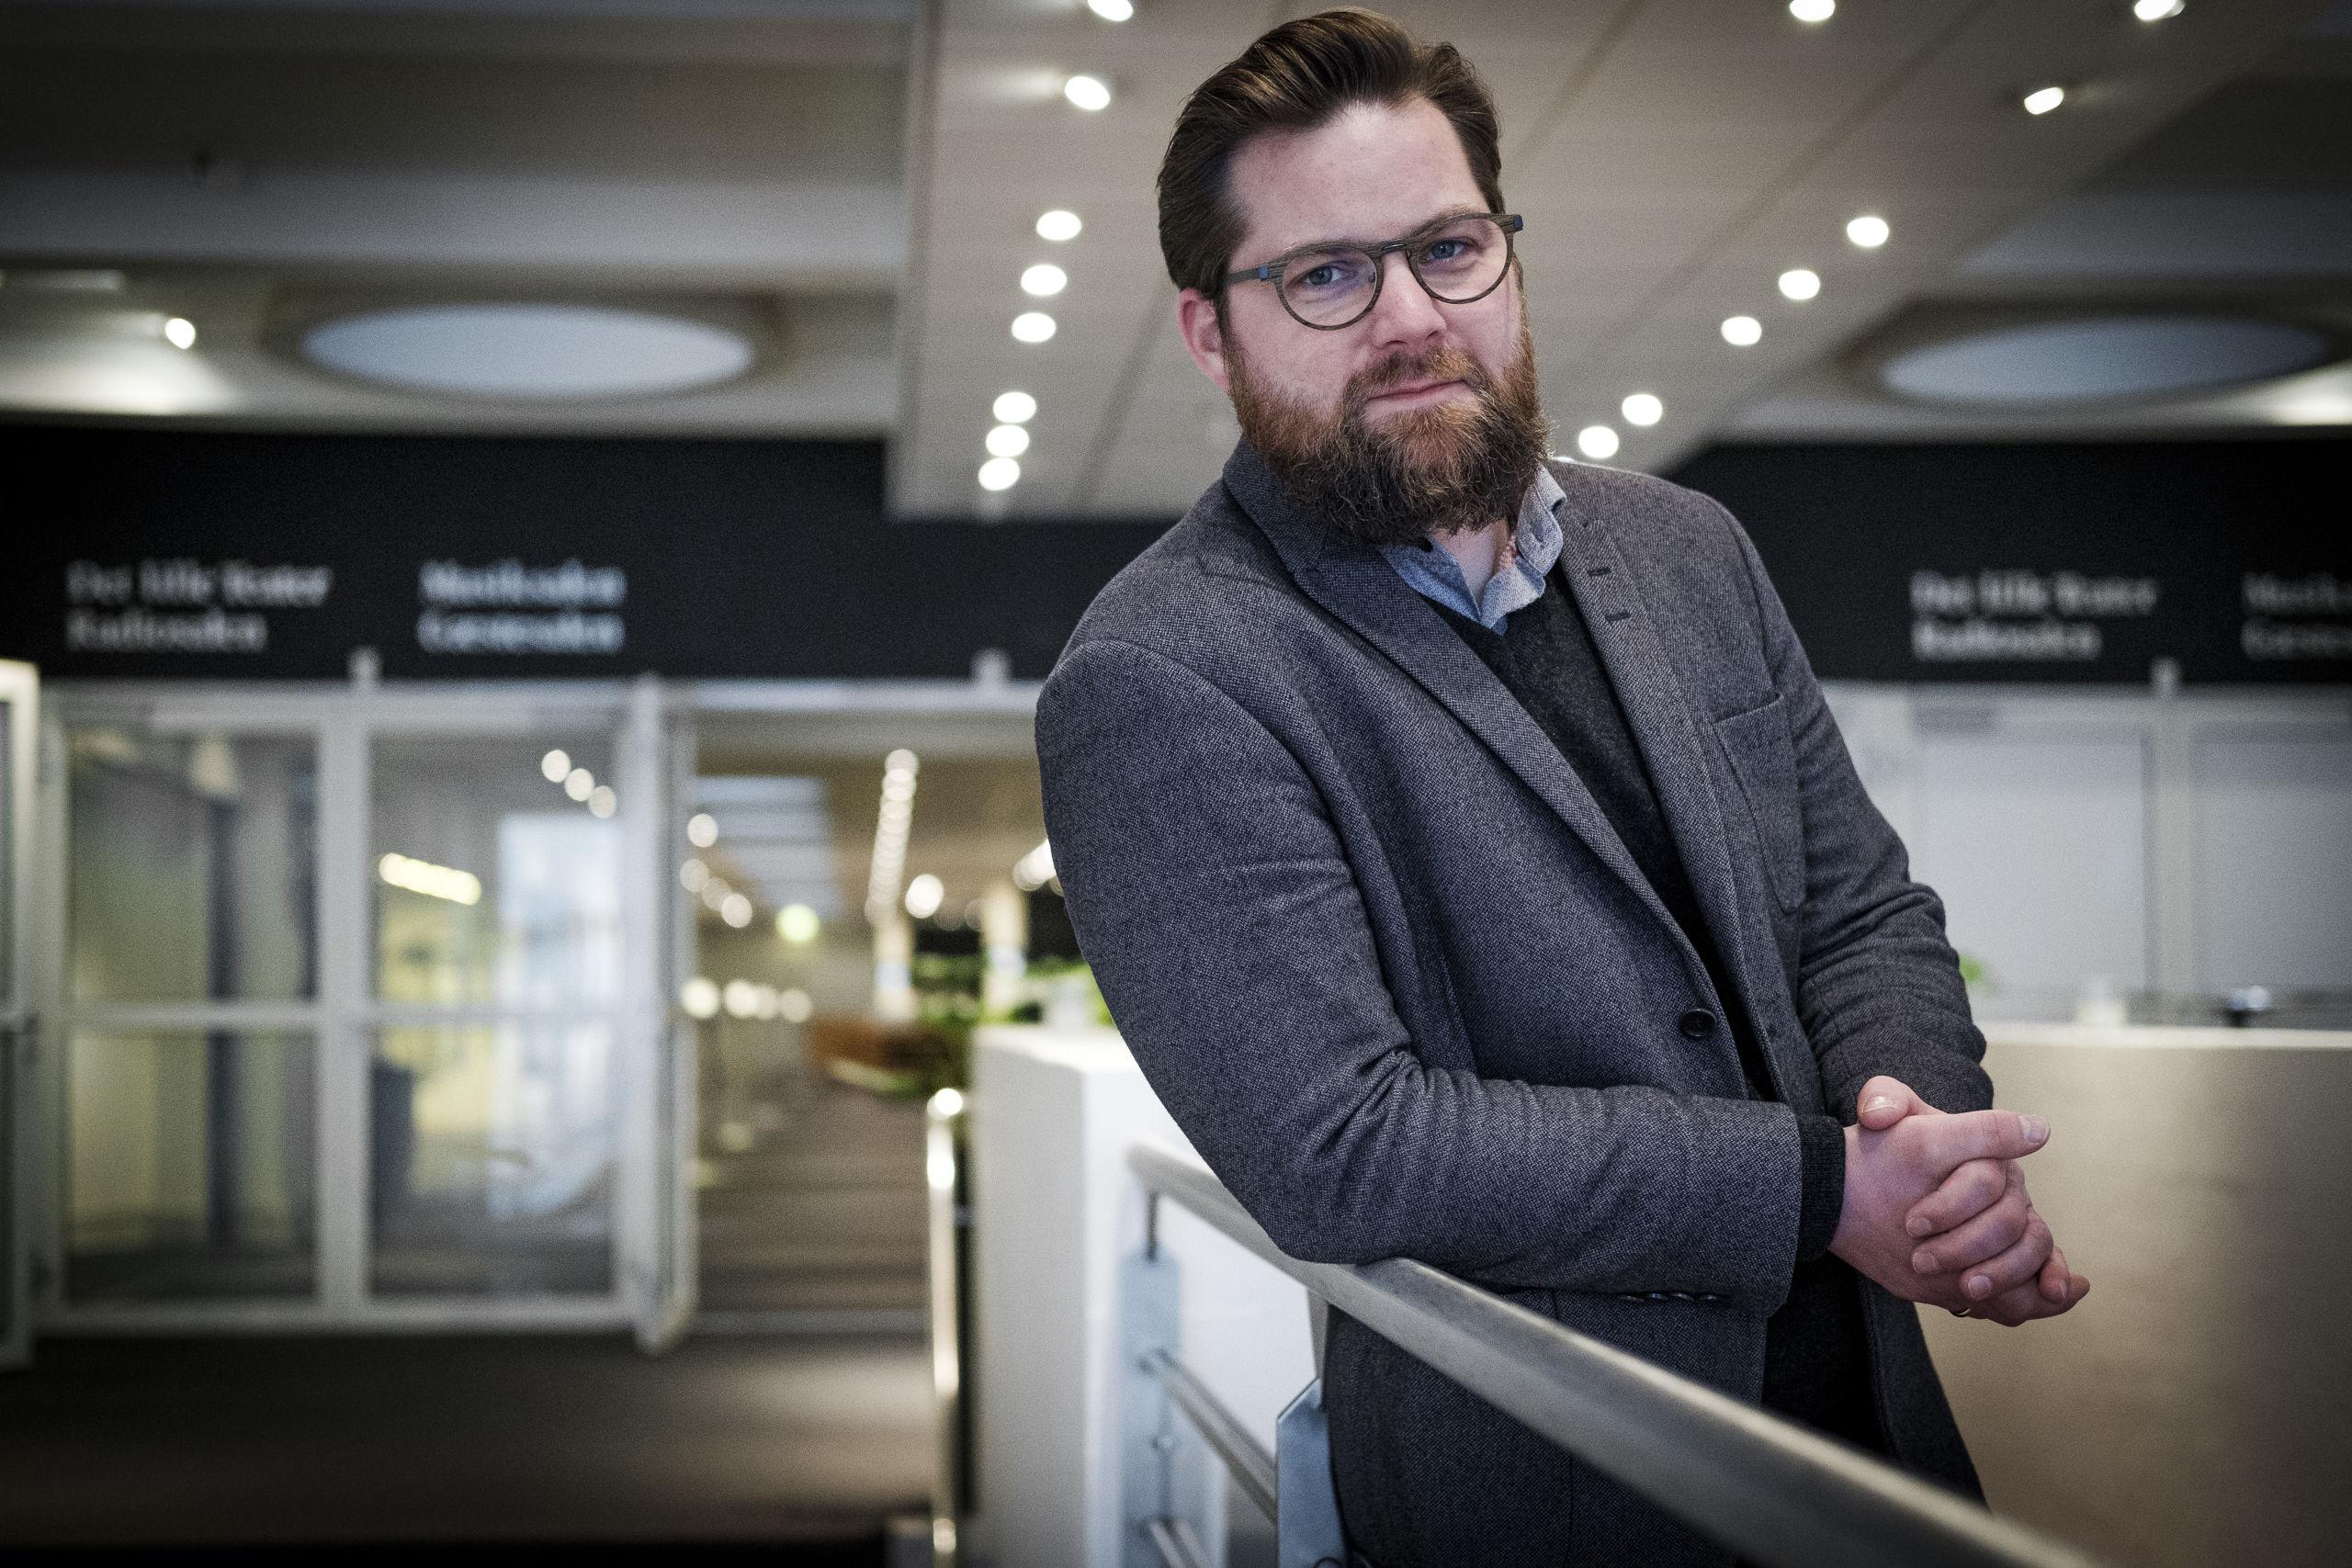 Det handler ikke kun om at pulje penge. Det handler også om at trække på netværk, fortæller Nicolaj Holm. Foto: Lasse Sand